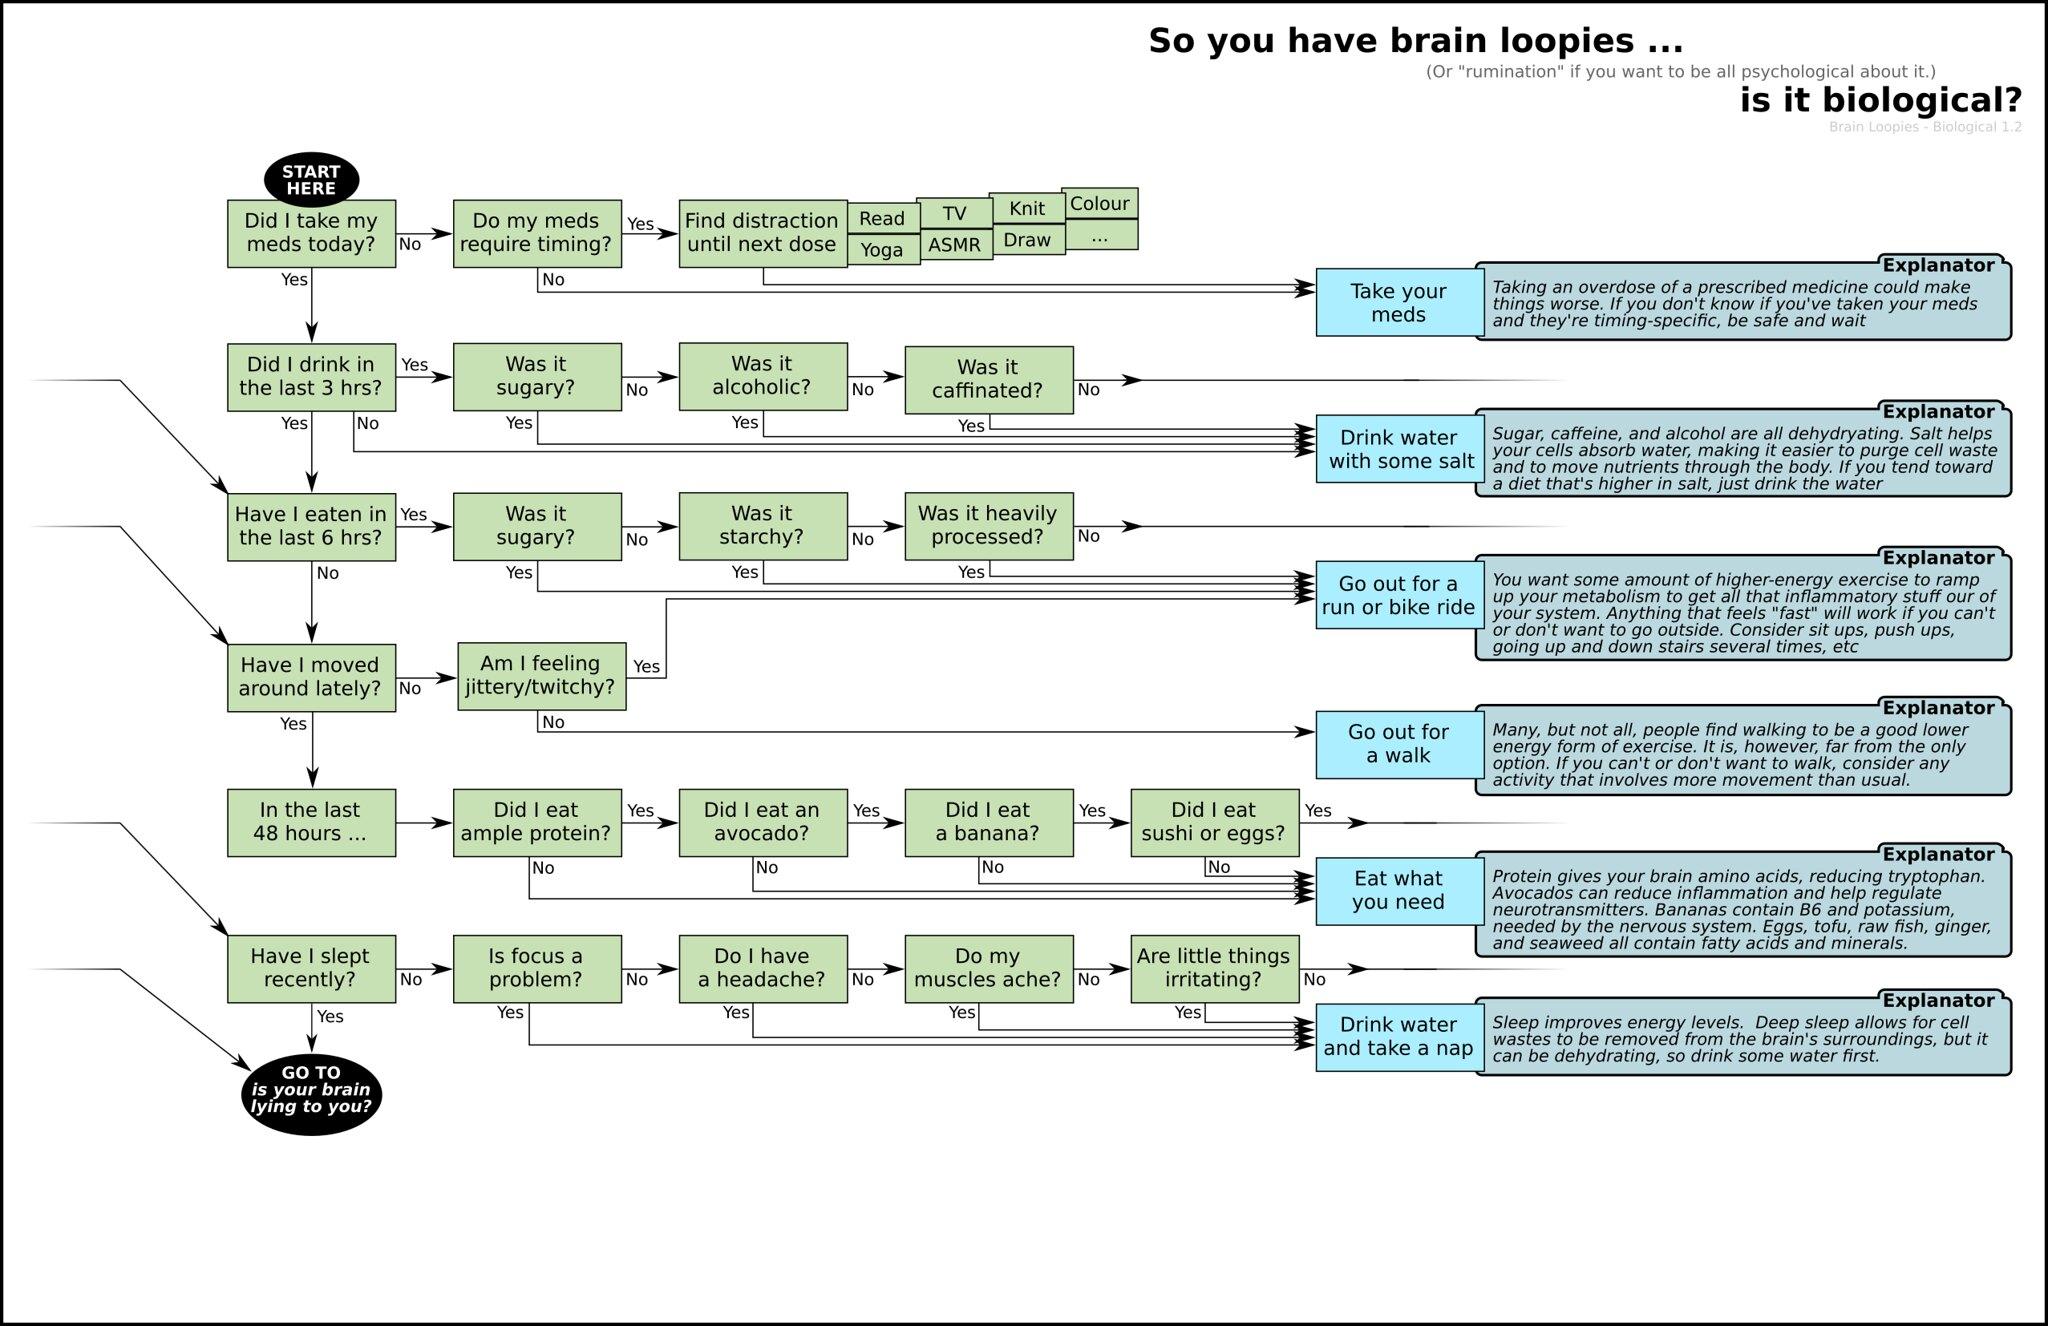 Brain Loopies - Biological